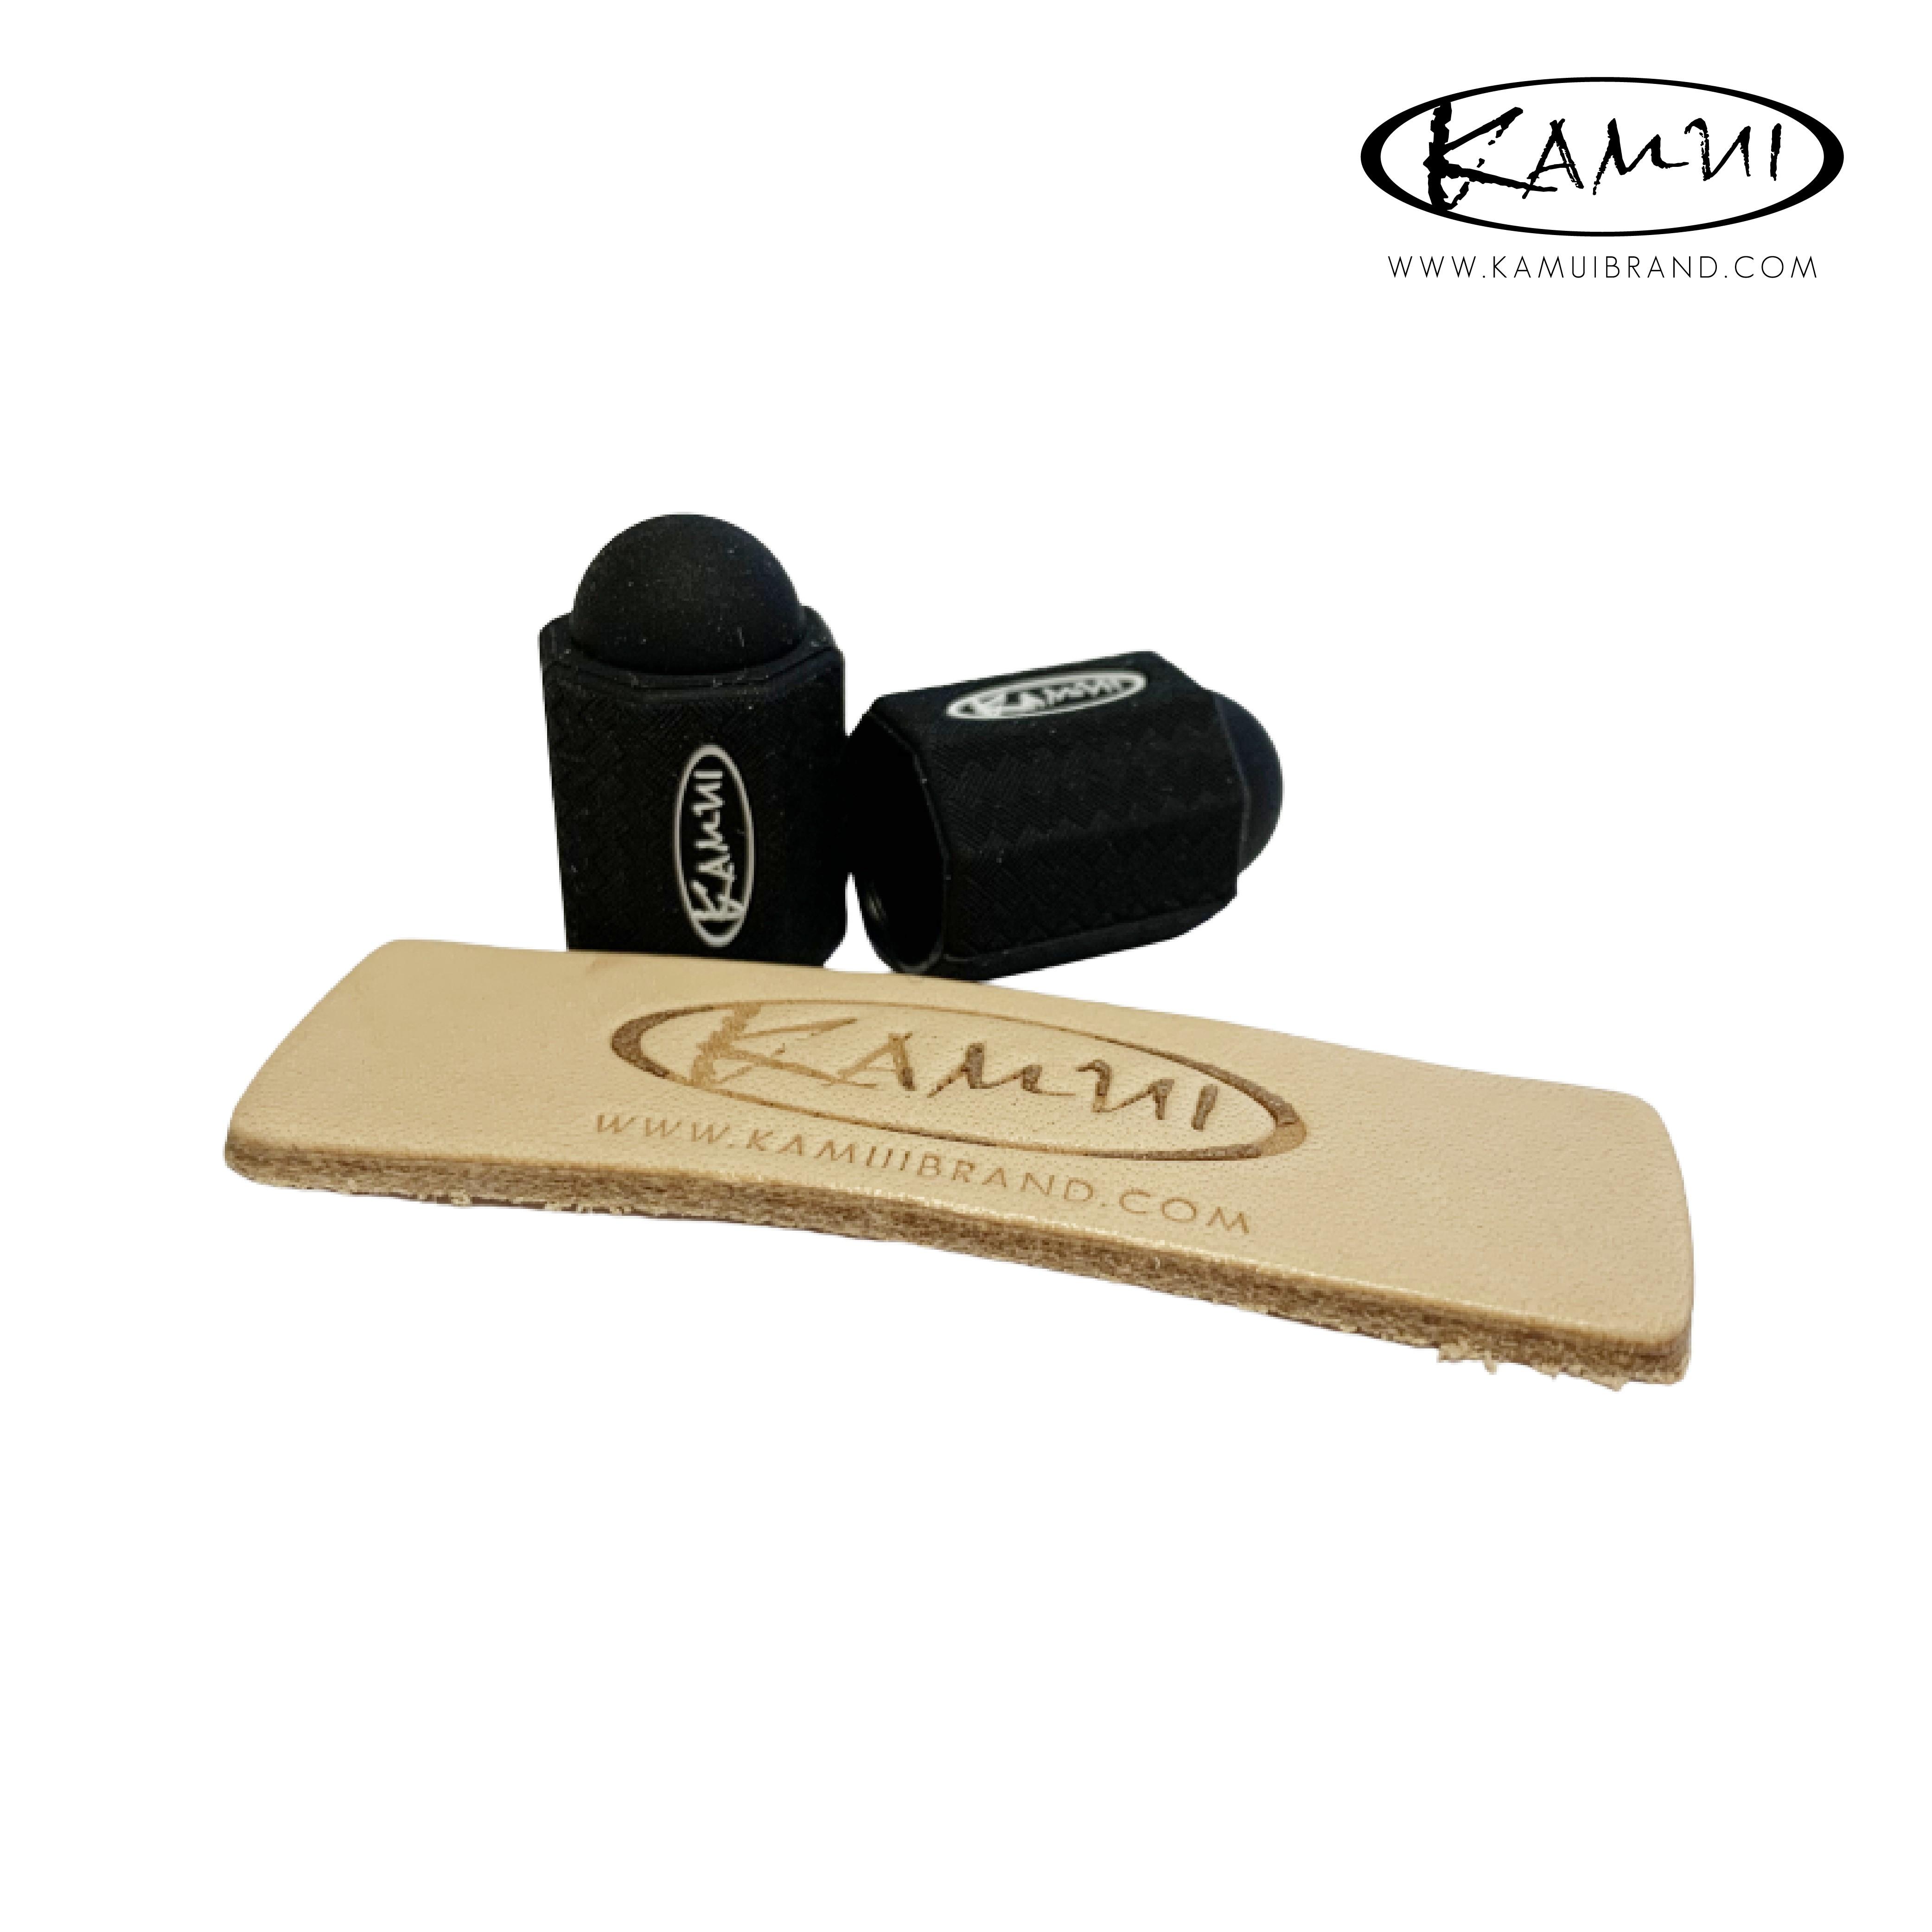 Набор для защиты бильярдной наклейки Kamui Tip Protector/Tip Burnisher ø11.75-14мм черный